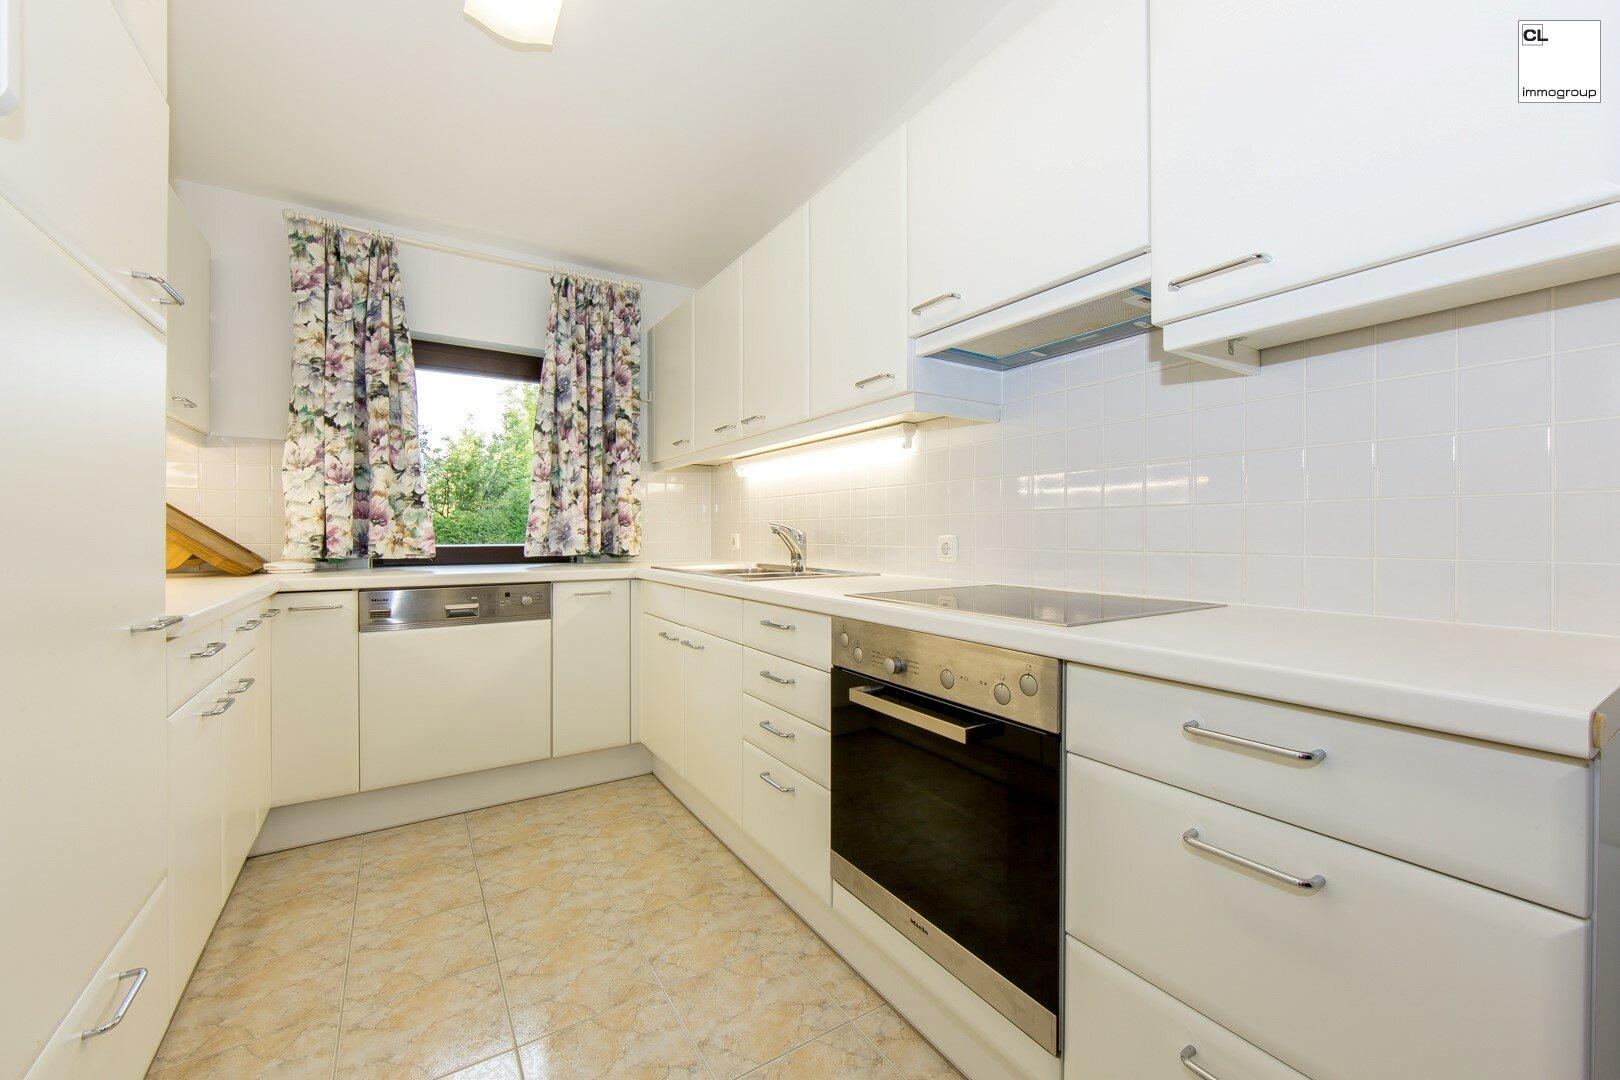 Küche mit Fenster